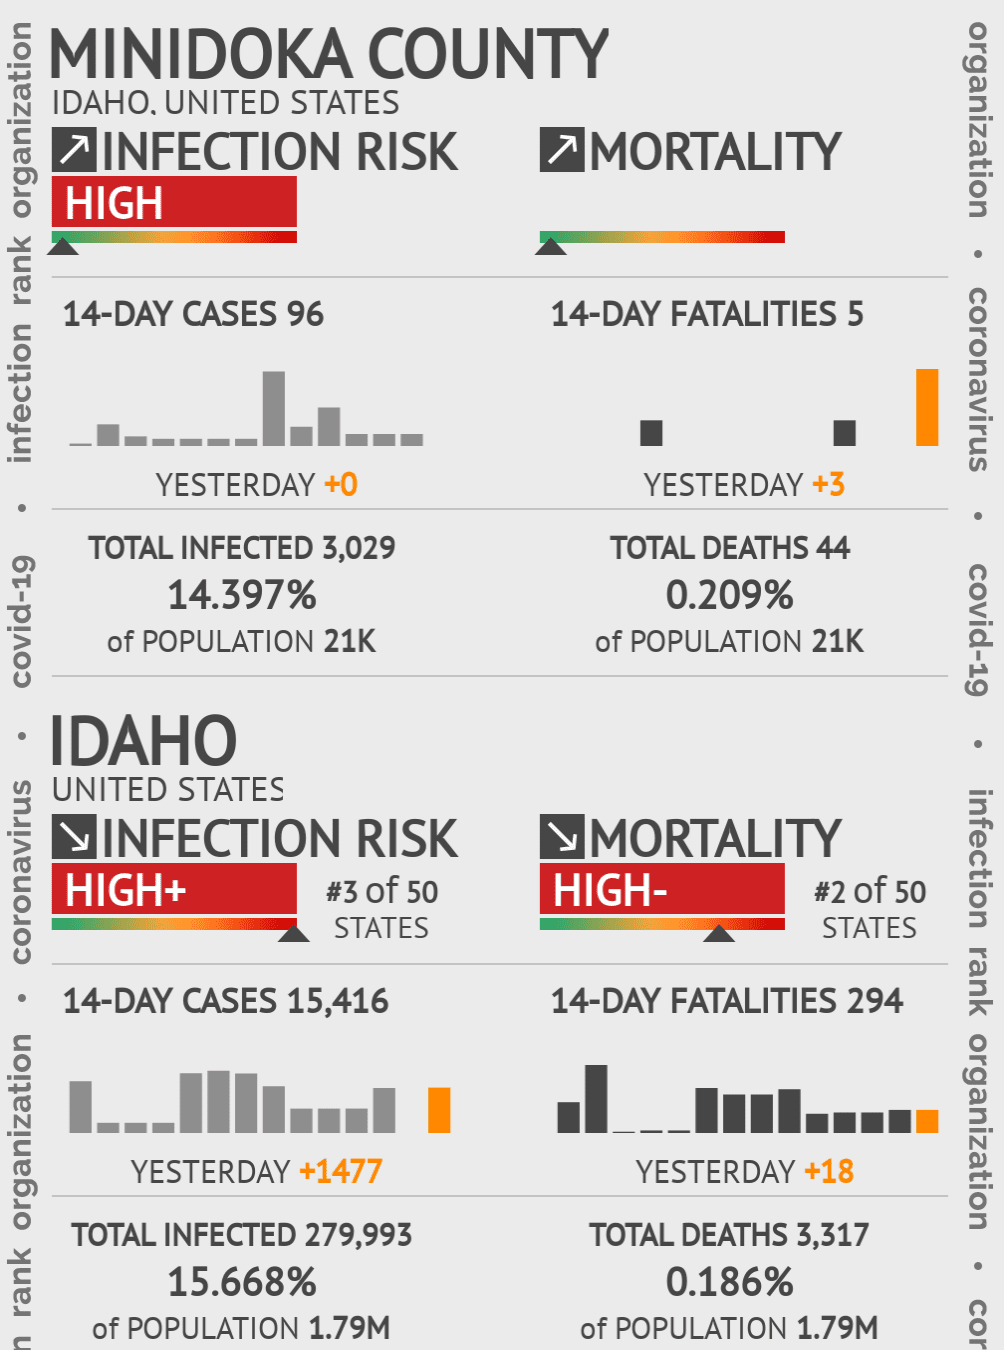 Minidoka County Coronavirus Covid-19 Risk of Infection on July 24, 2021